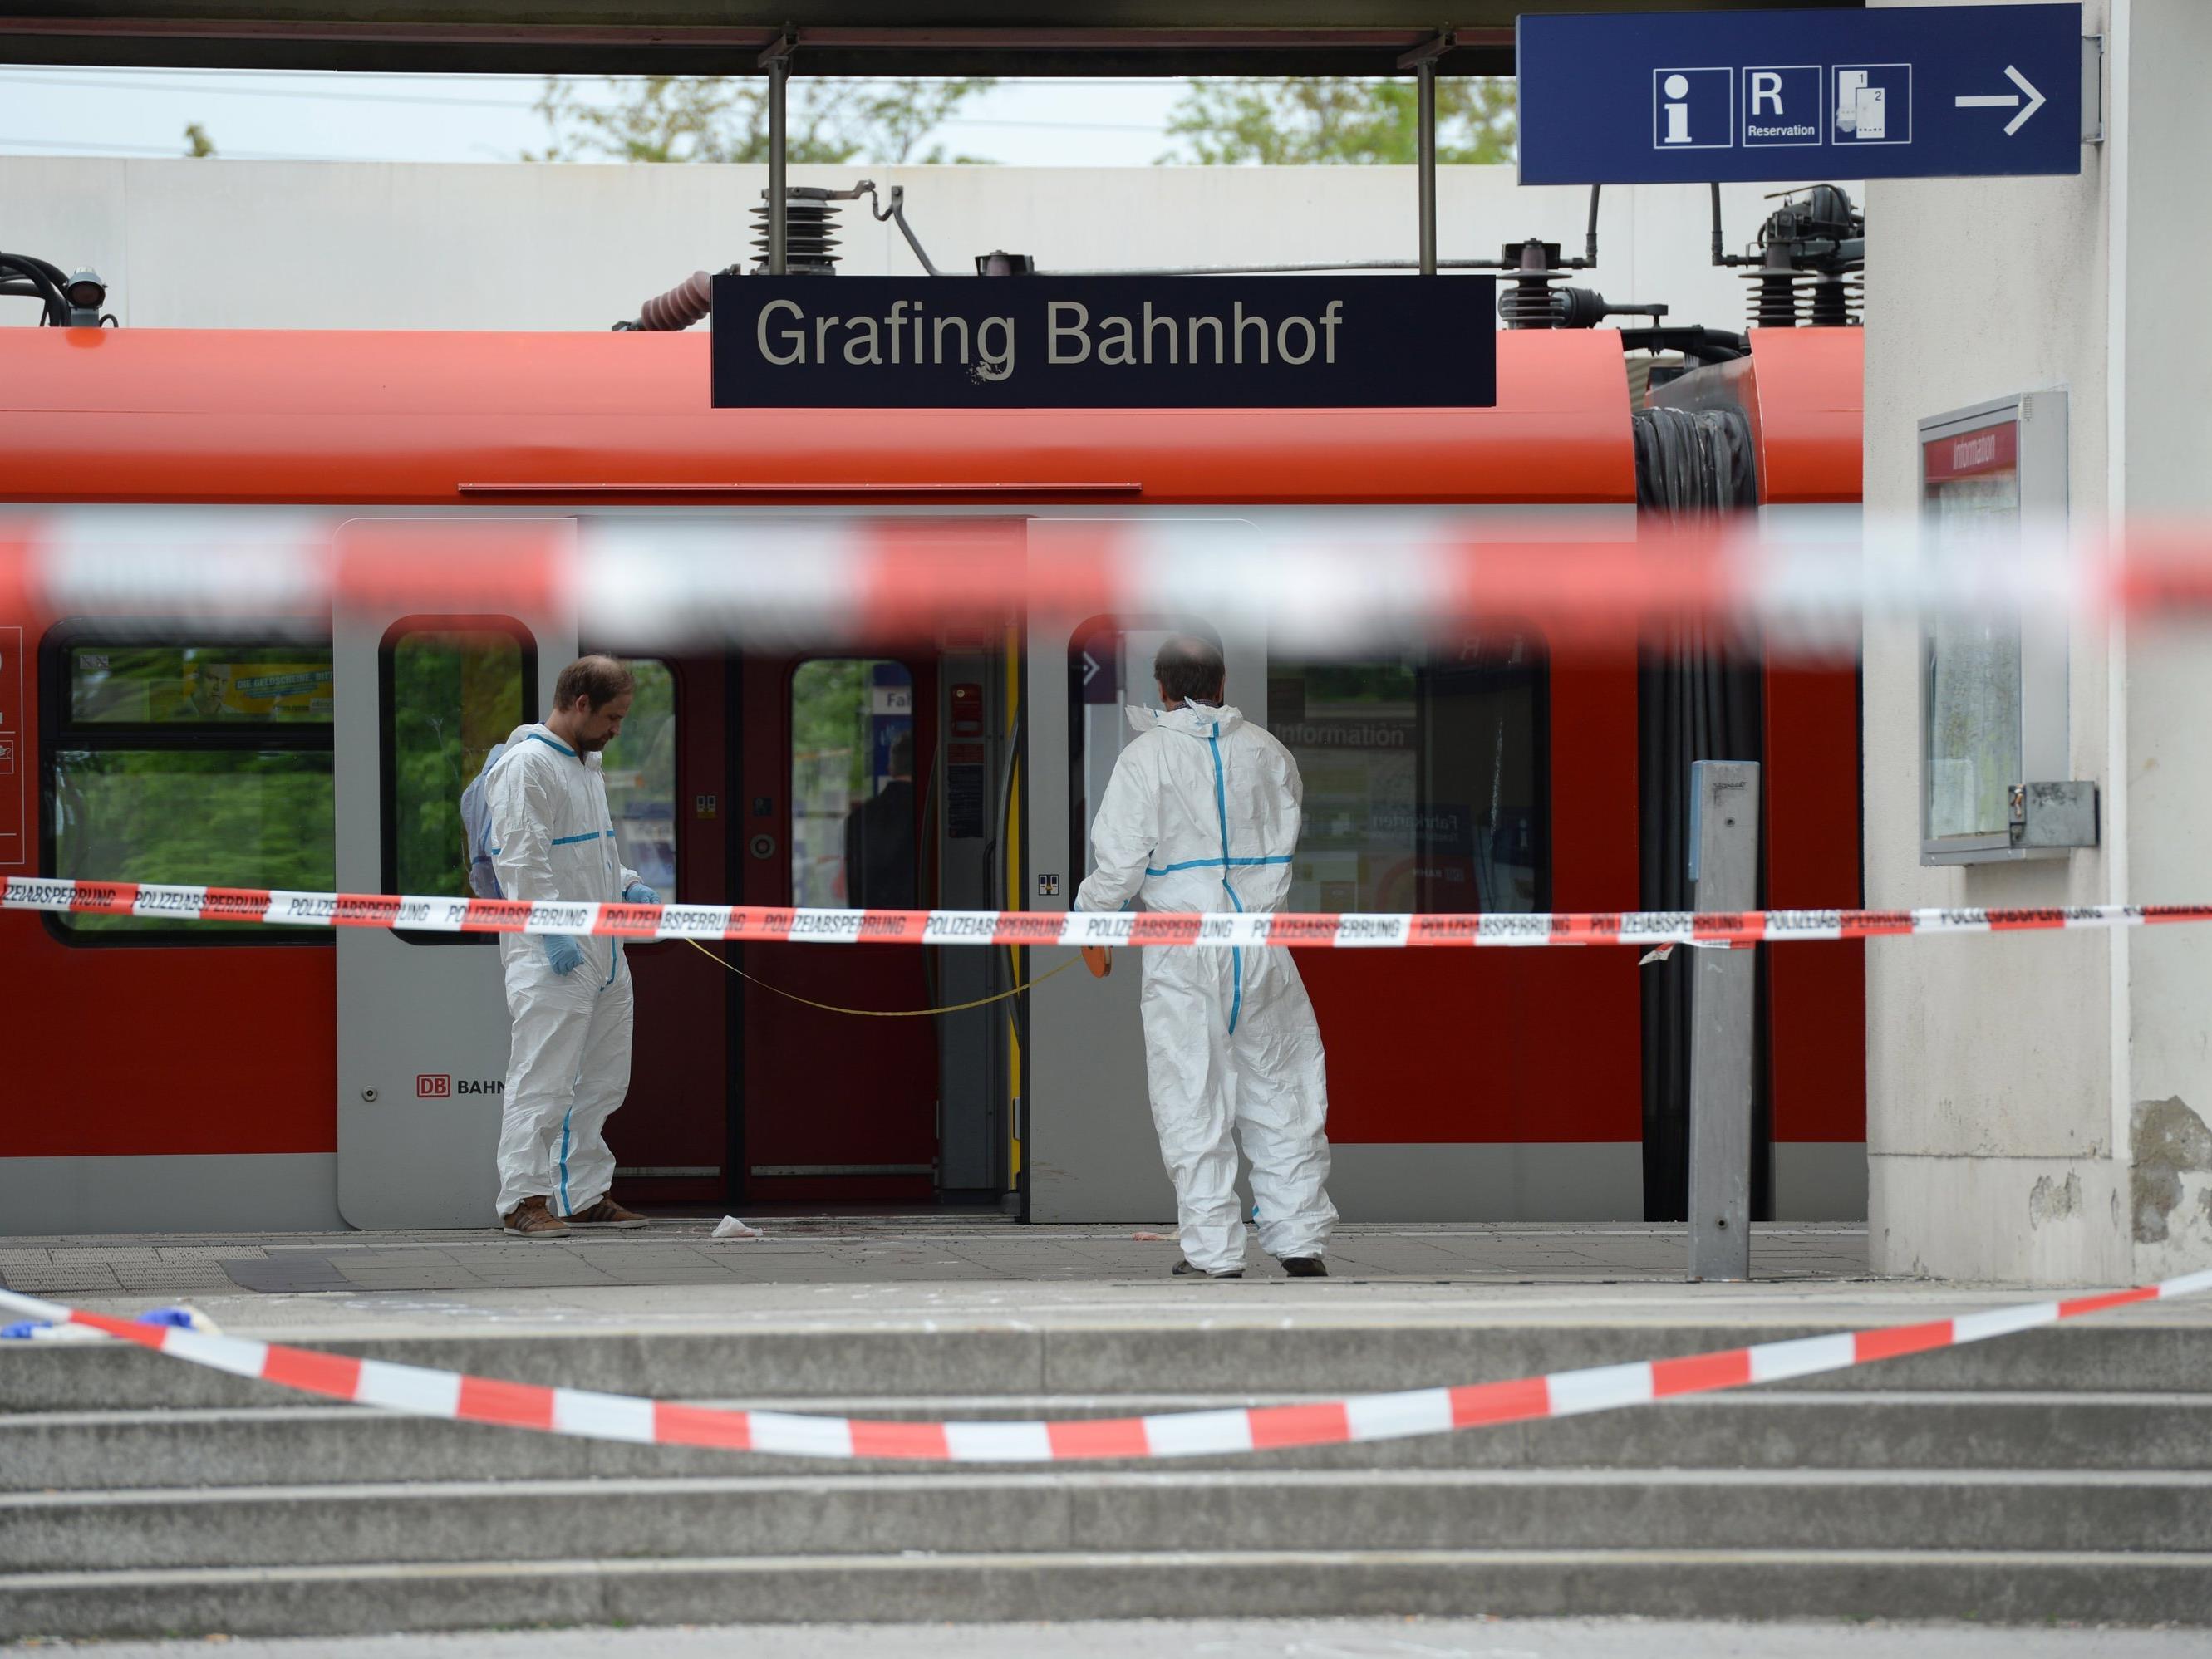 Die Messerattacke am Bahnhof in Grafing, beio der am Morgen eine Person getötet und drei Menschen verletzt wurden, hat wohl keinen islamistischen Hintergrund.